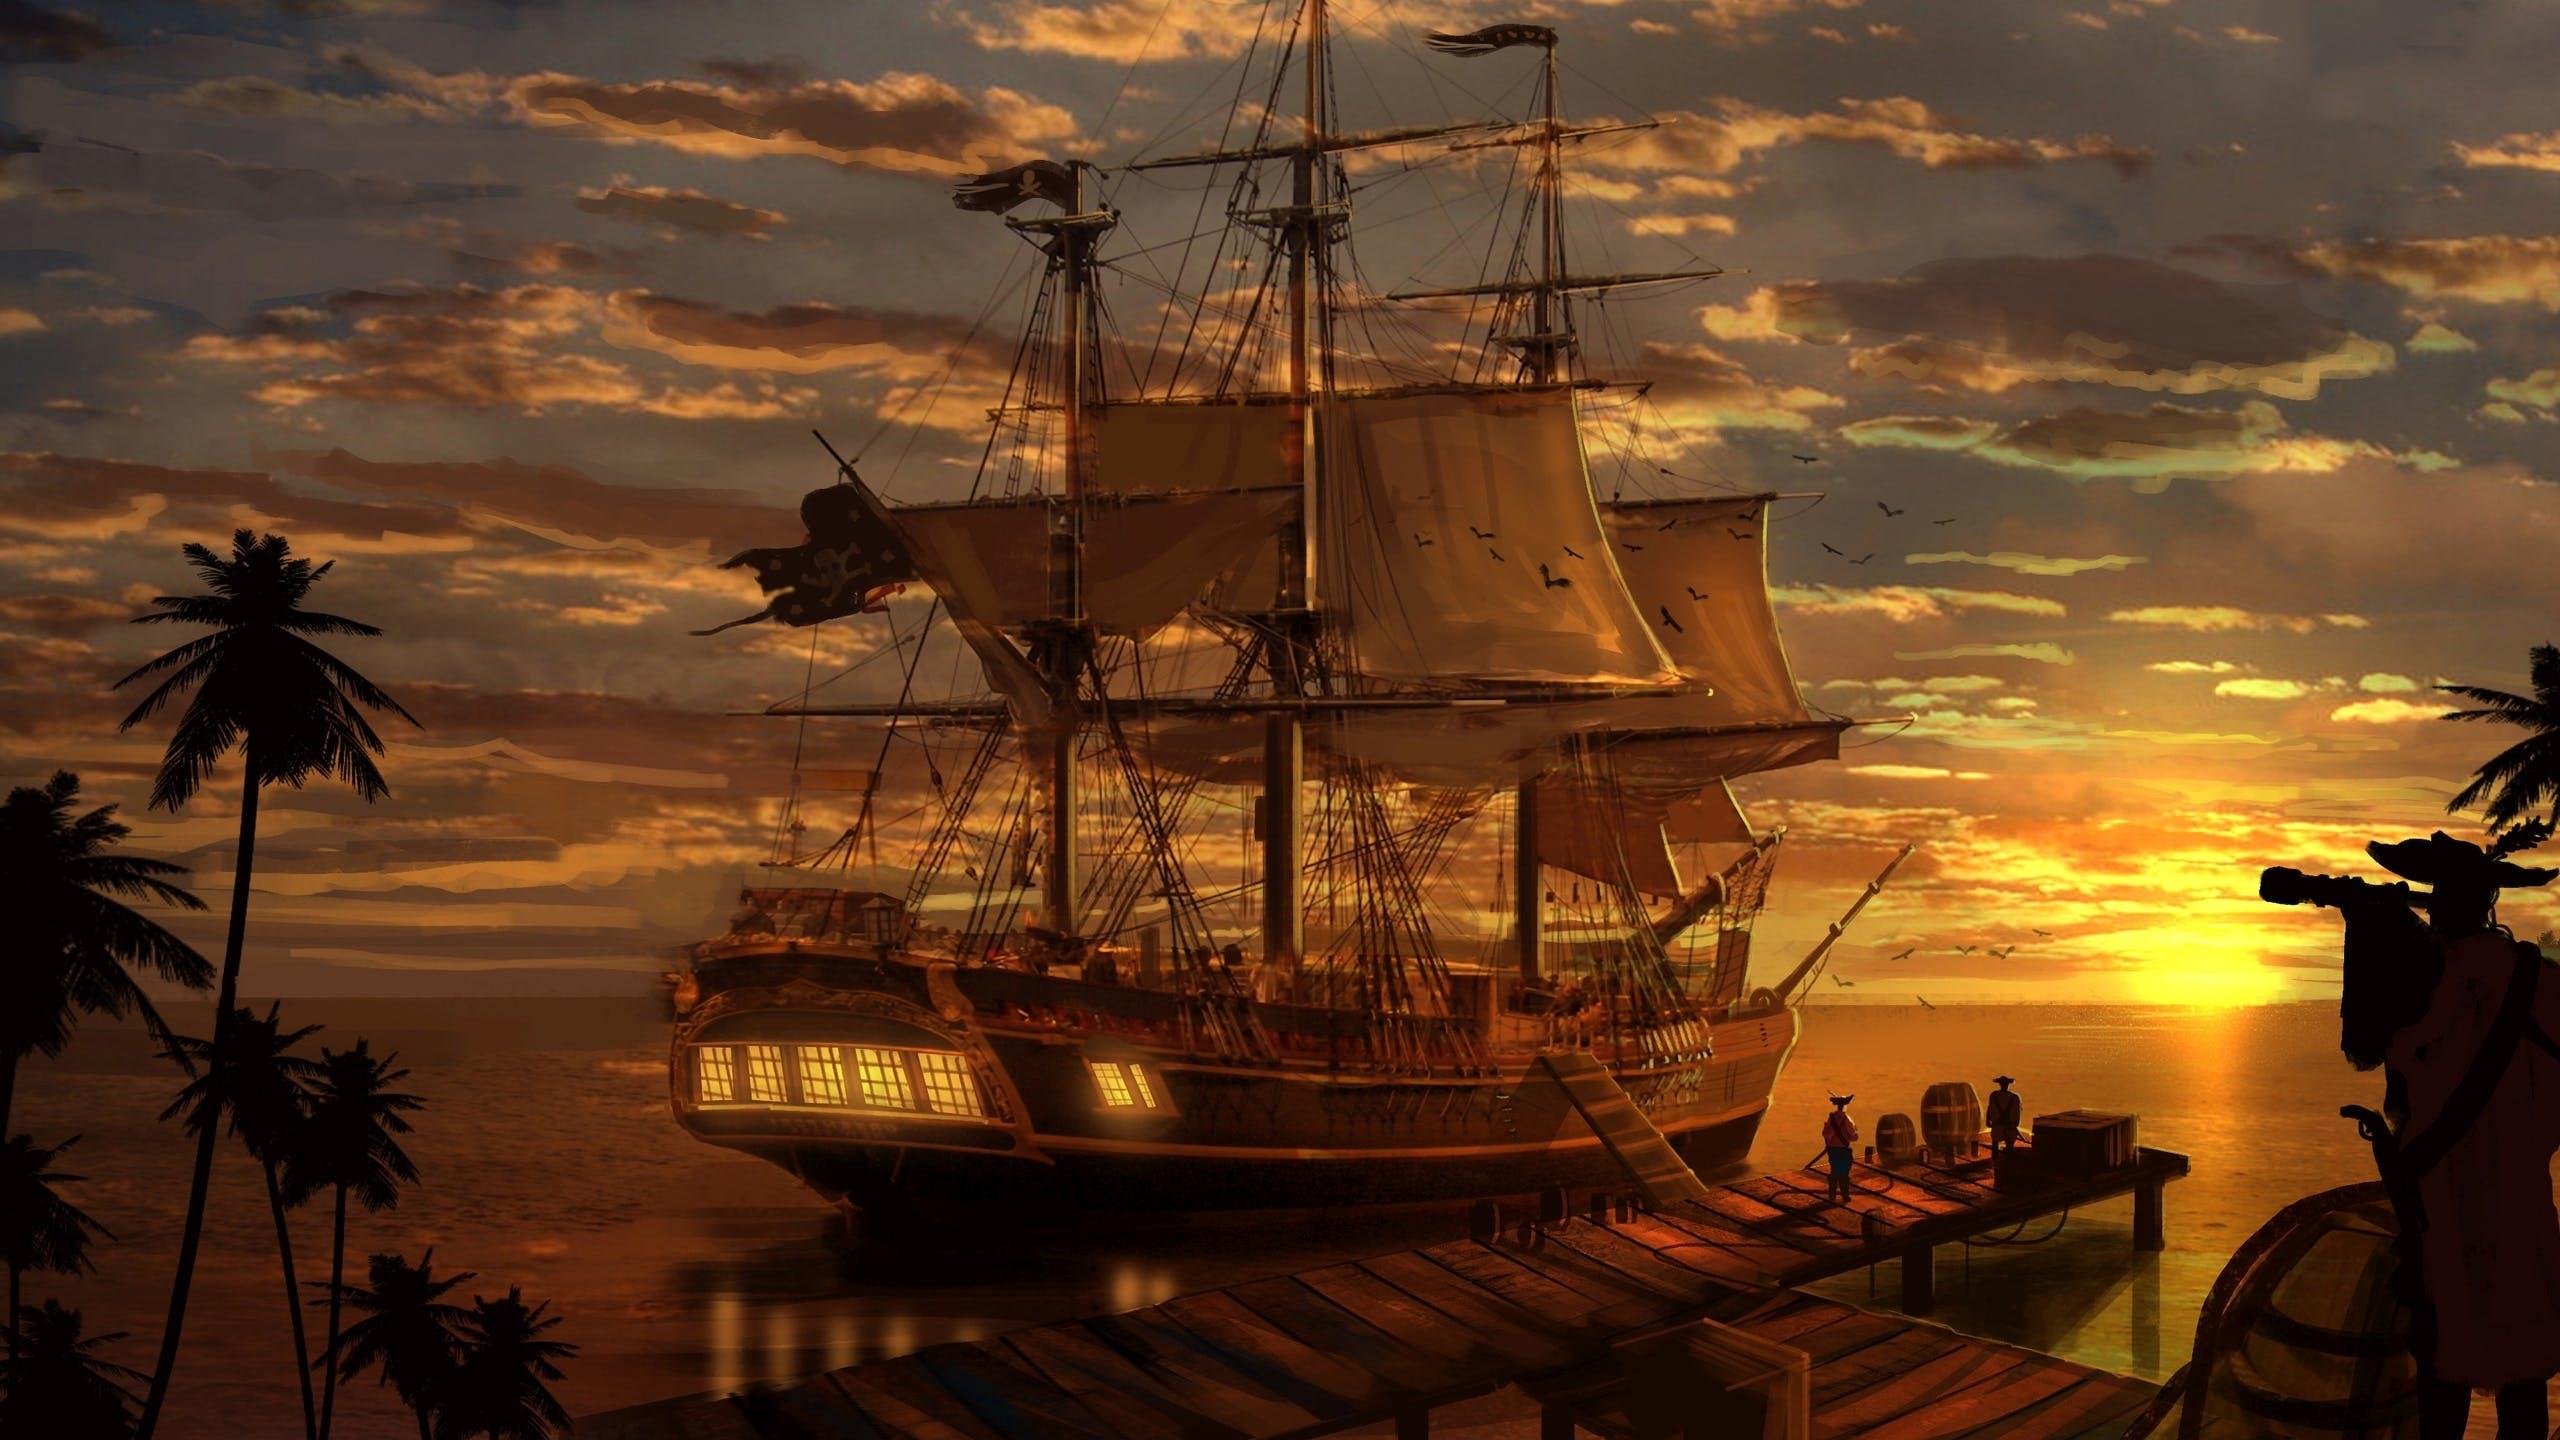 Le bateau de pirates escape land escape game saint - Image bateau pirate ...